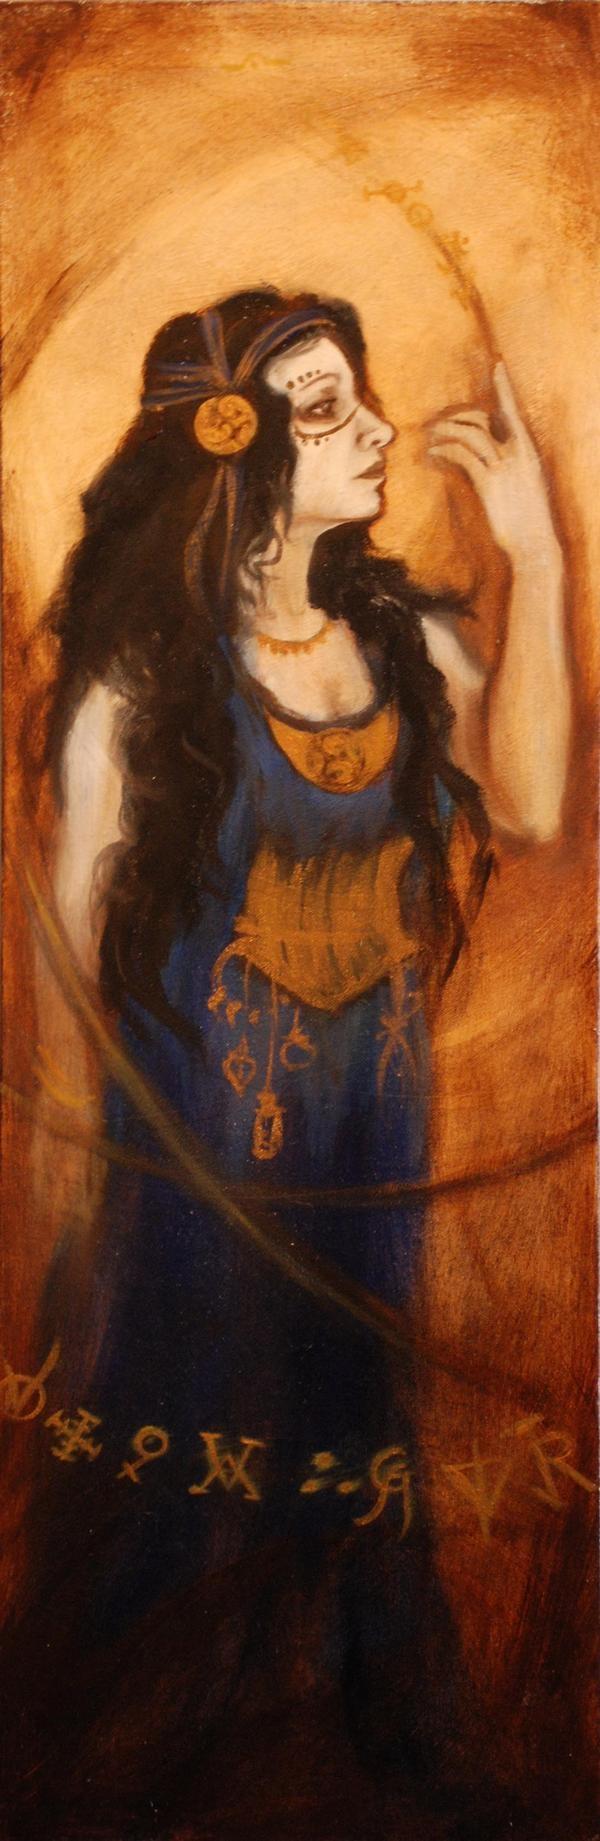 'Alcandre' oil on canvas 2008      Maeve Fianna Callahan.    - available- 390.